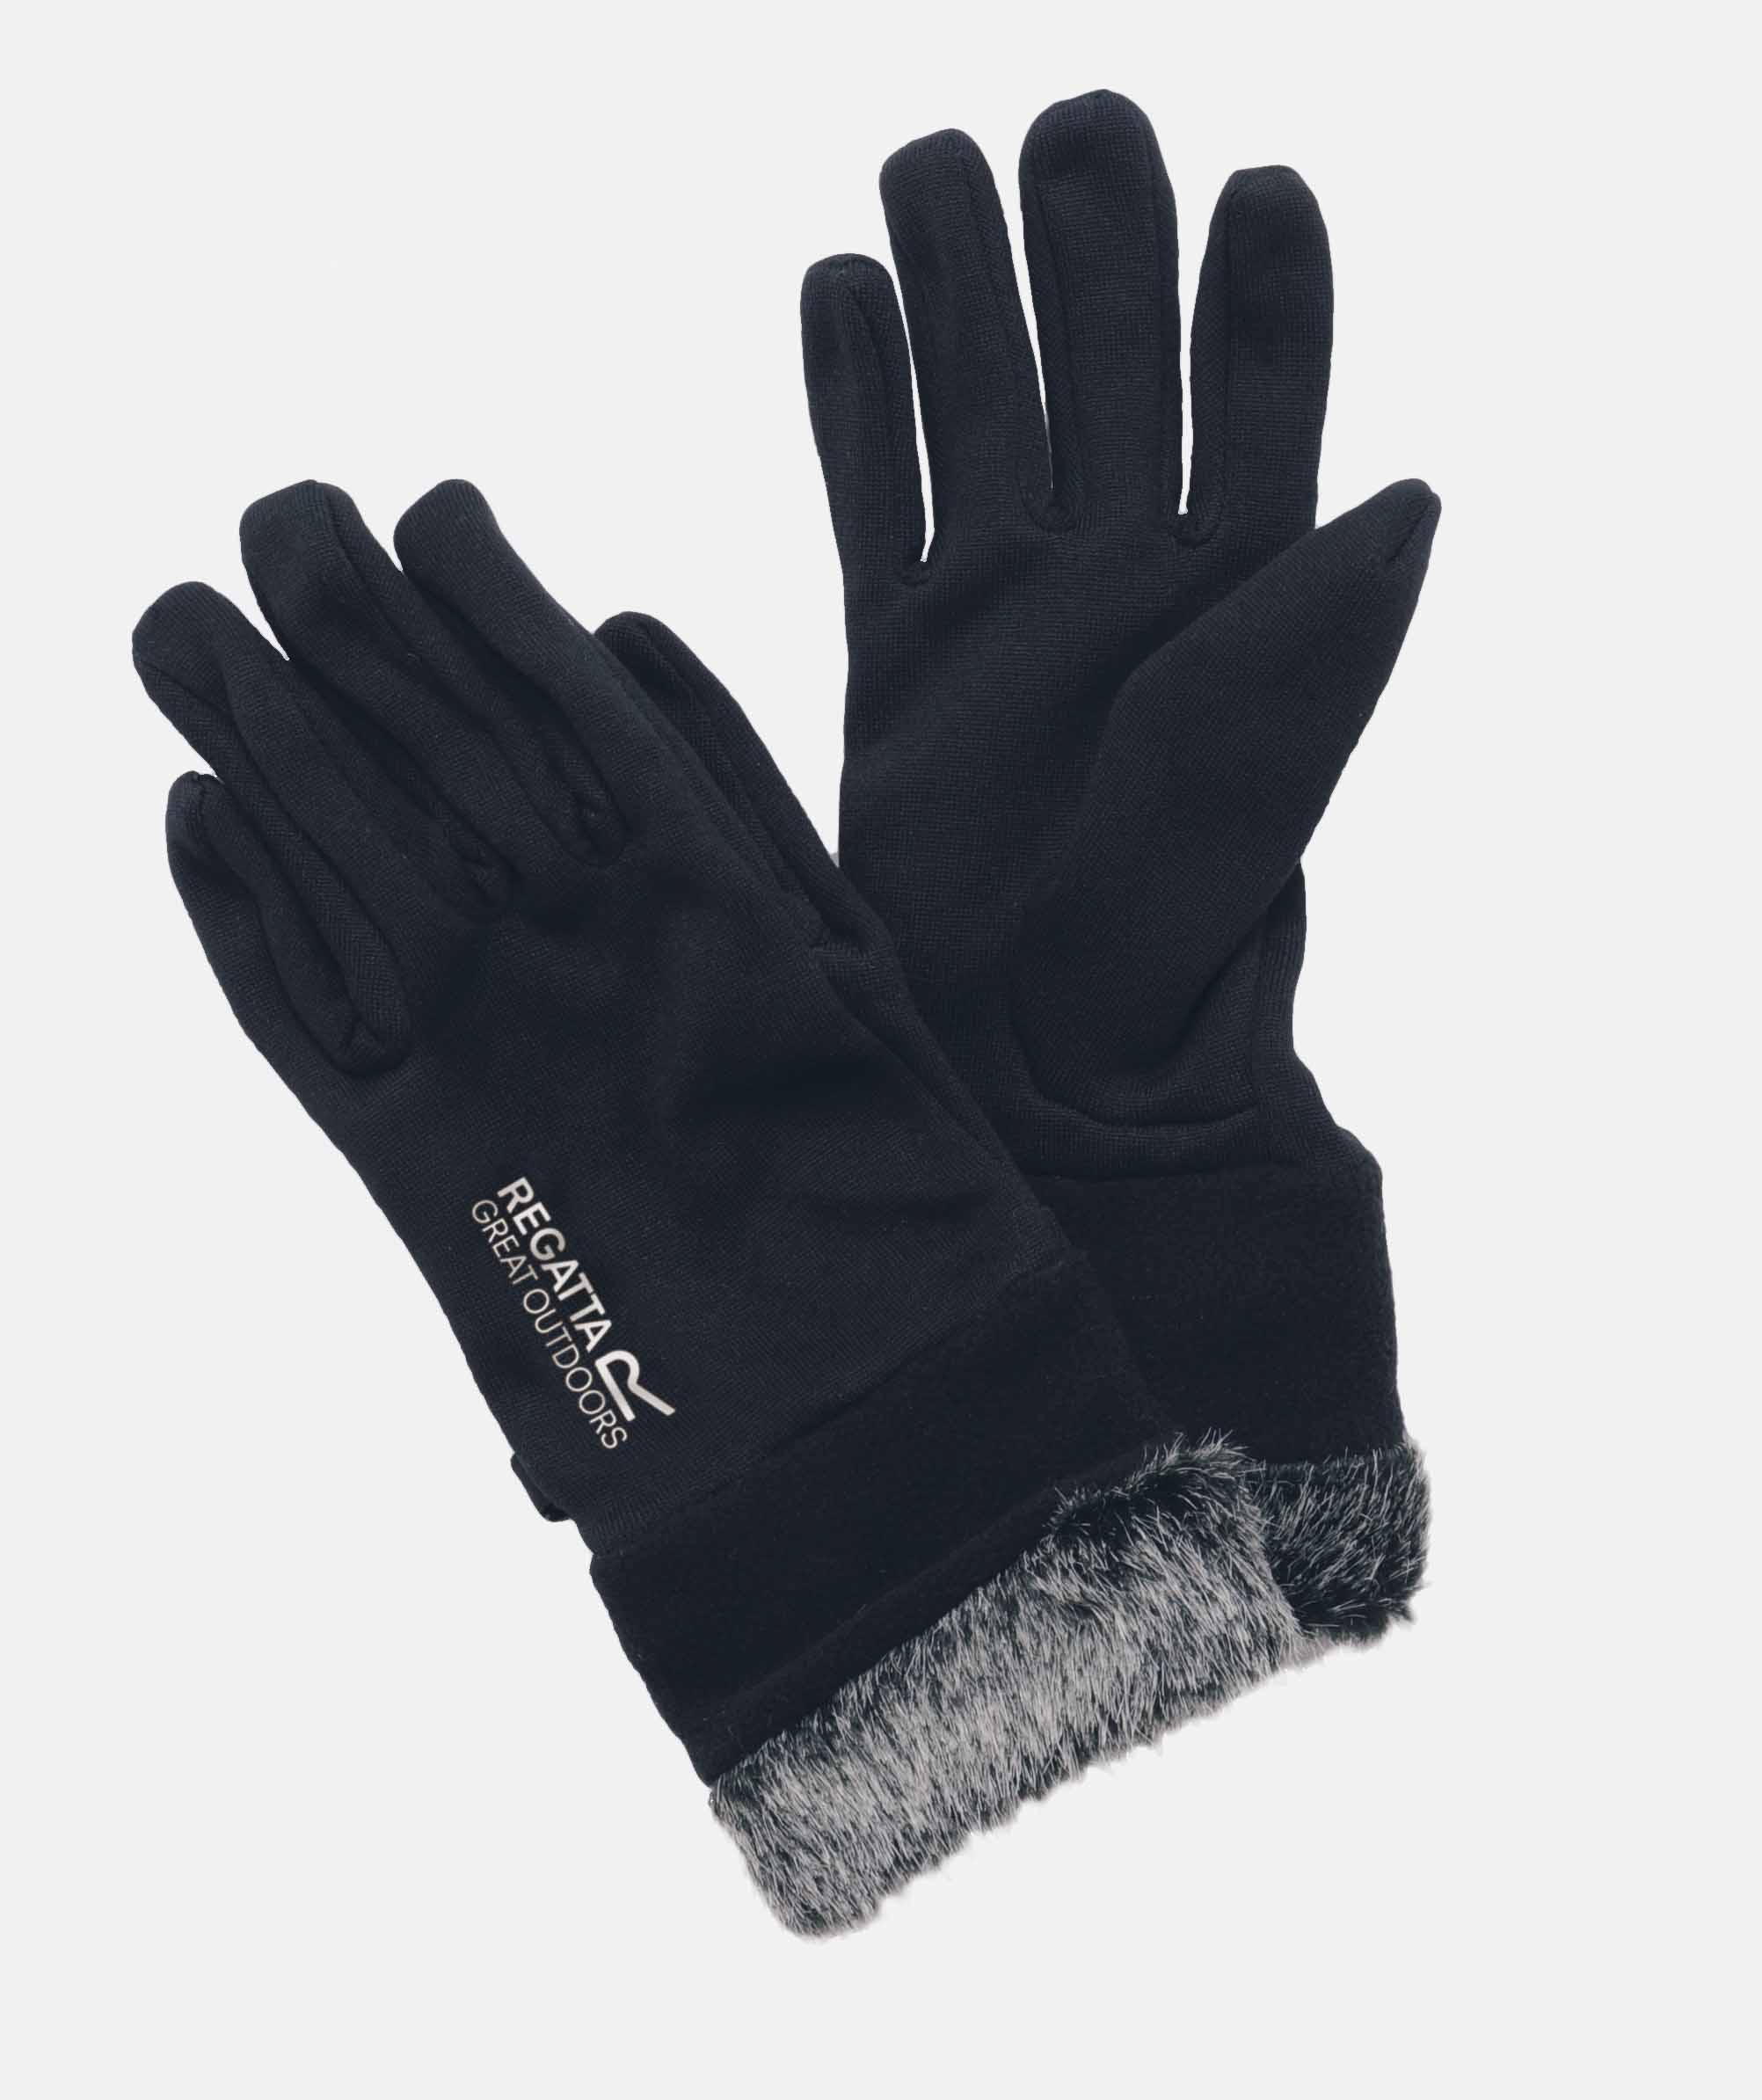 Regatta Xert Extol Gloves Damenhandschuhe wasserabweisend schwarz